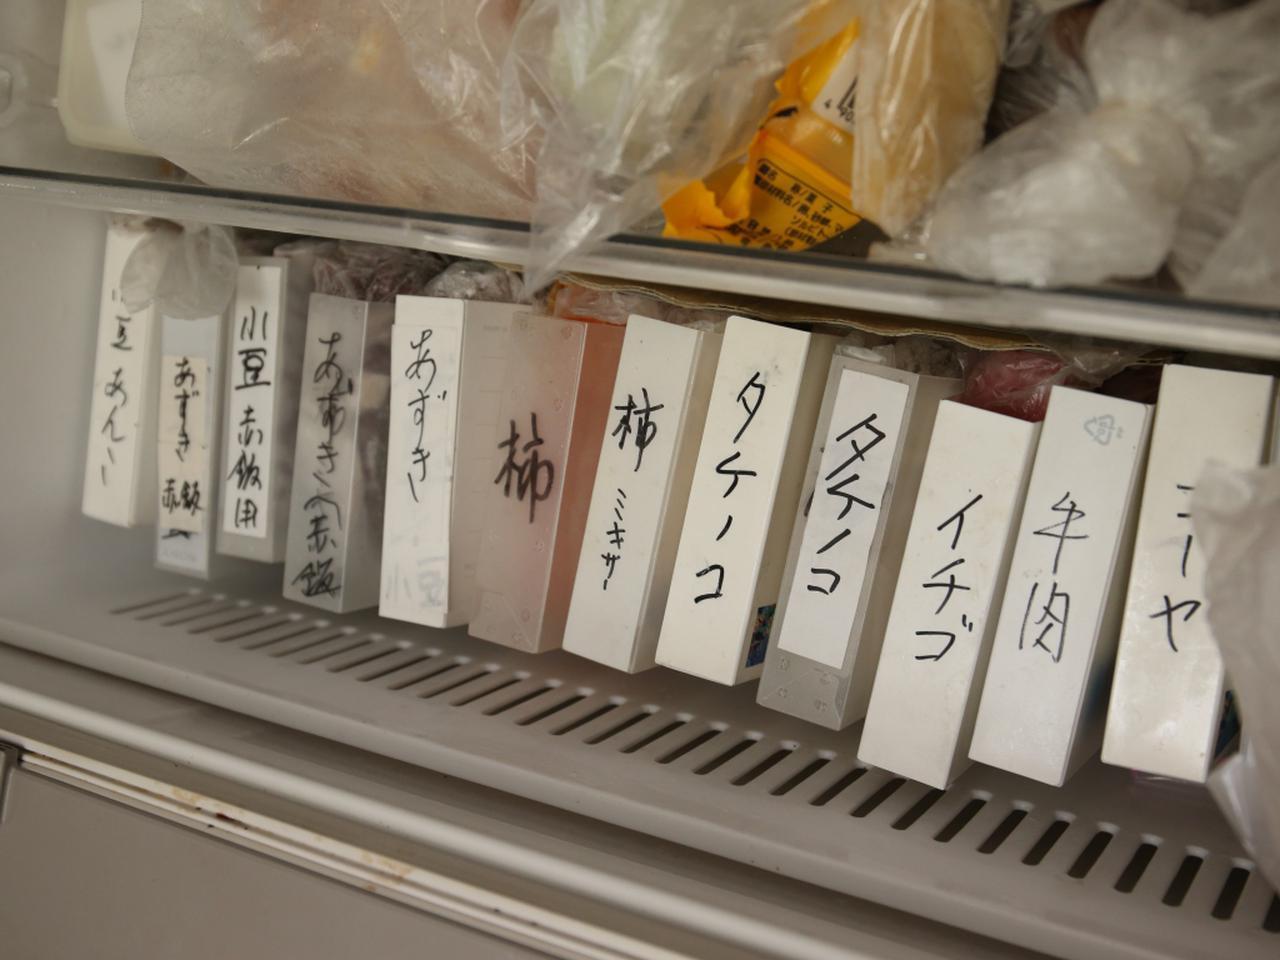 画像: 旬のフルーツや食材を冷凍。昔のビデオテープのケースを活用